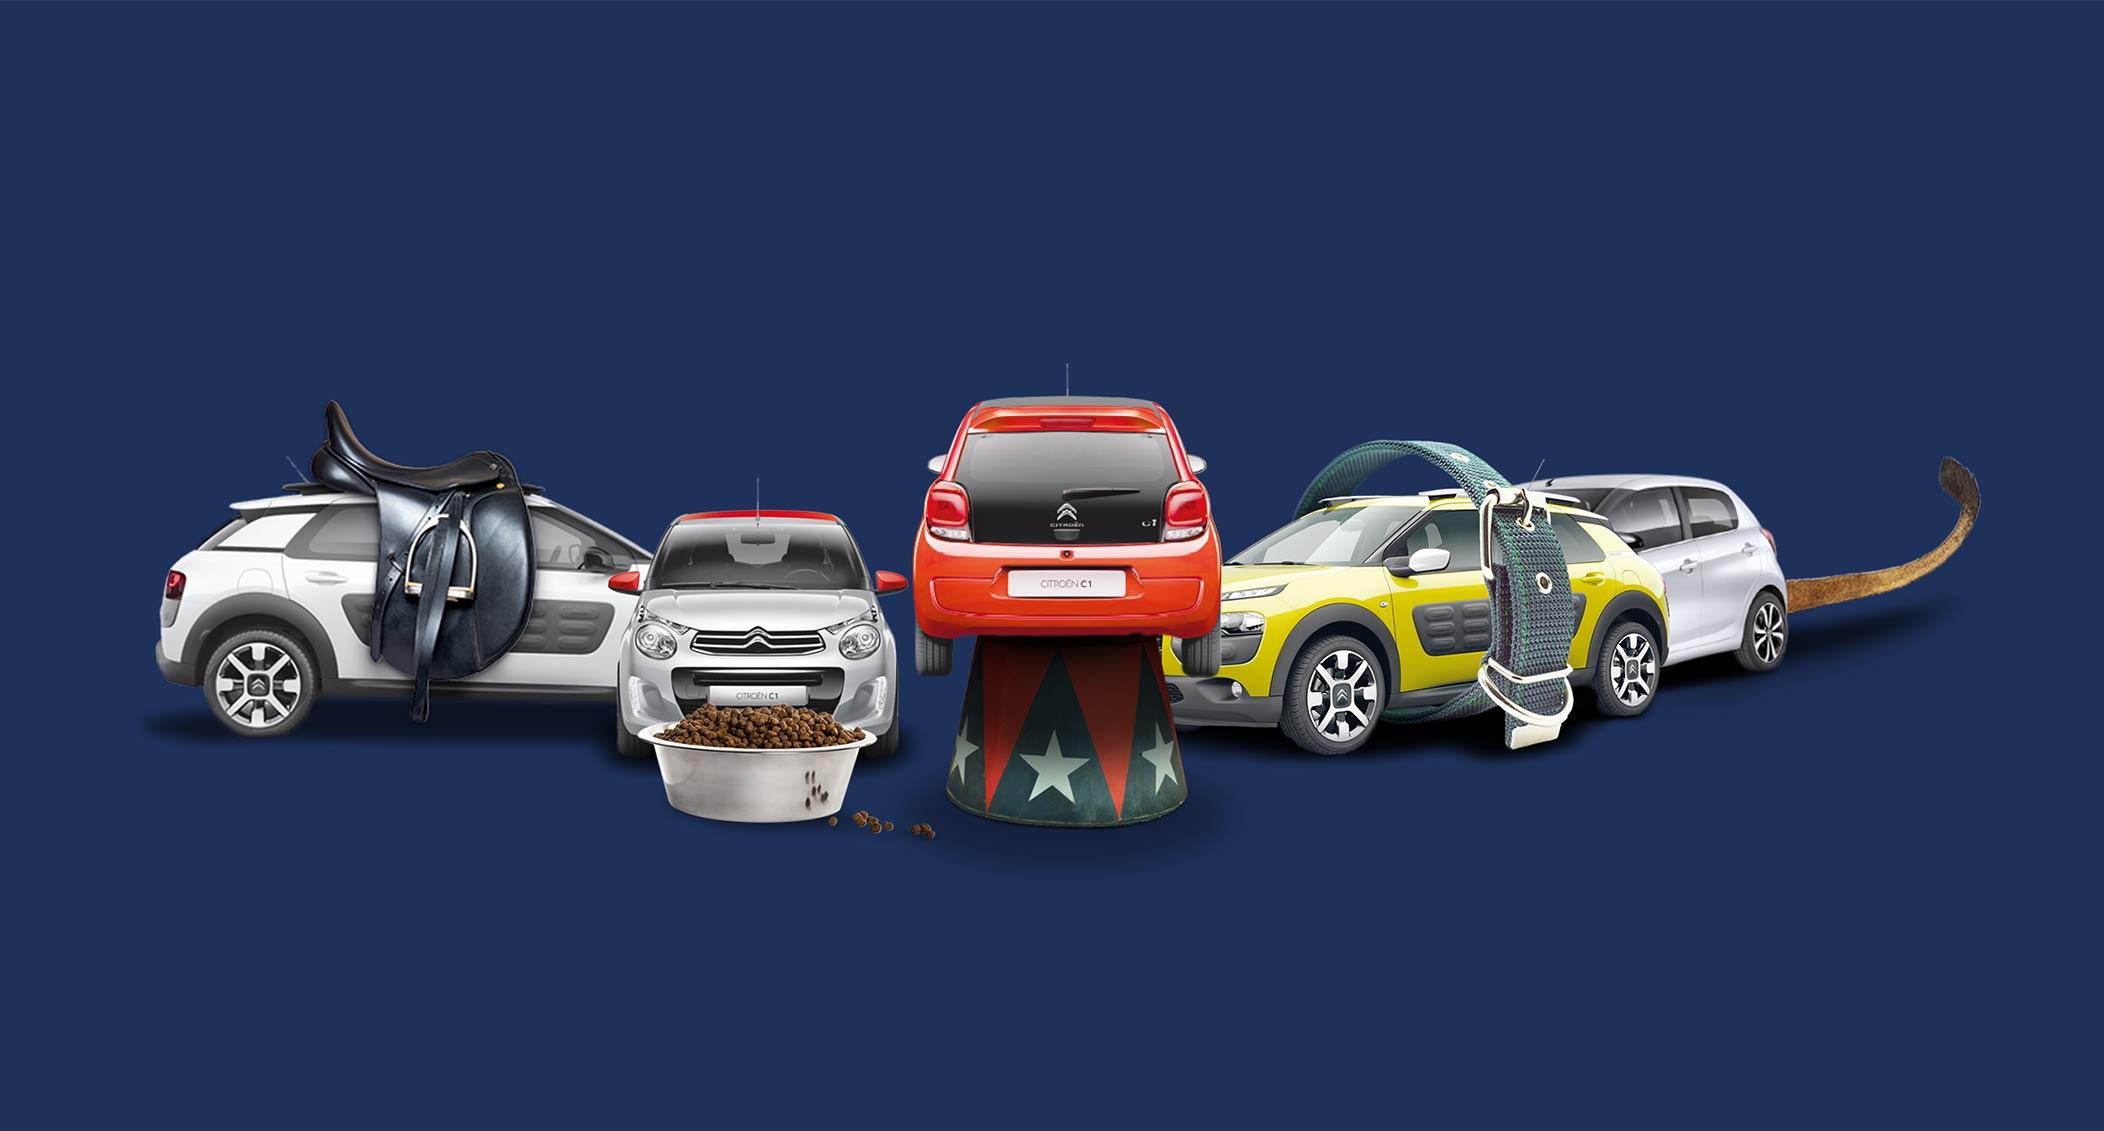 thuemmler_gebrauchtwagenkampagne_visuals_teamlemke_werbeagentur